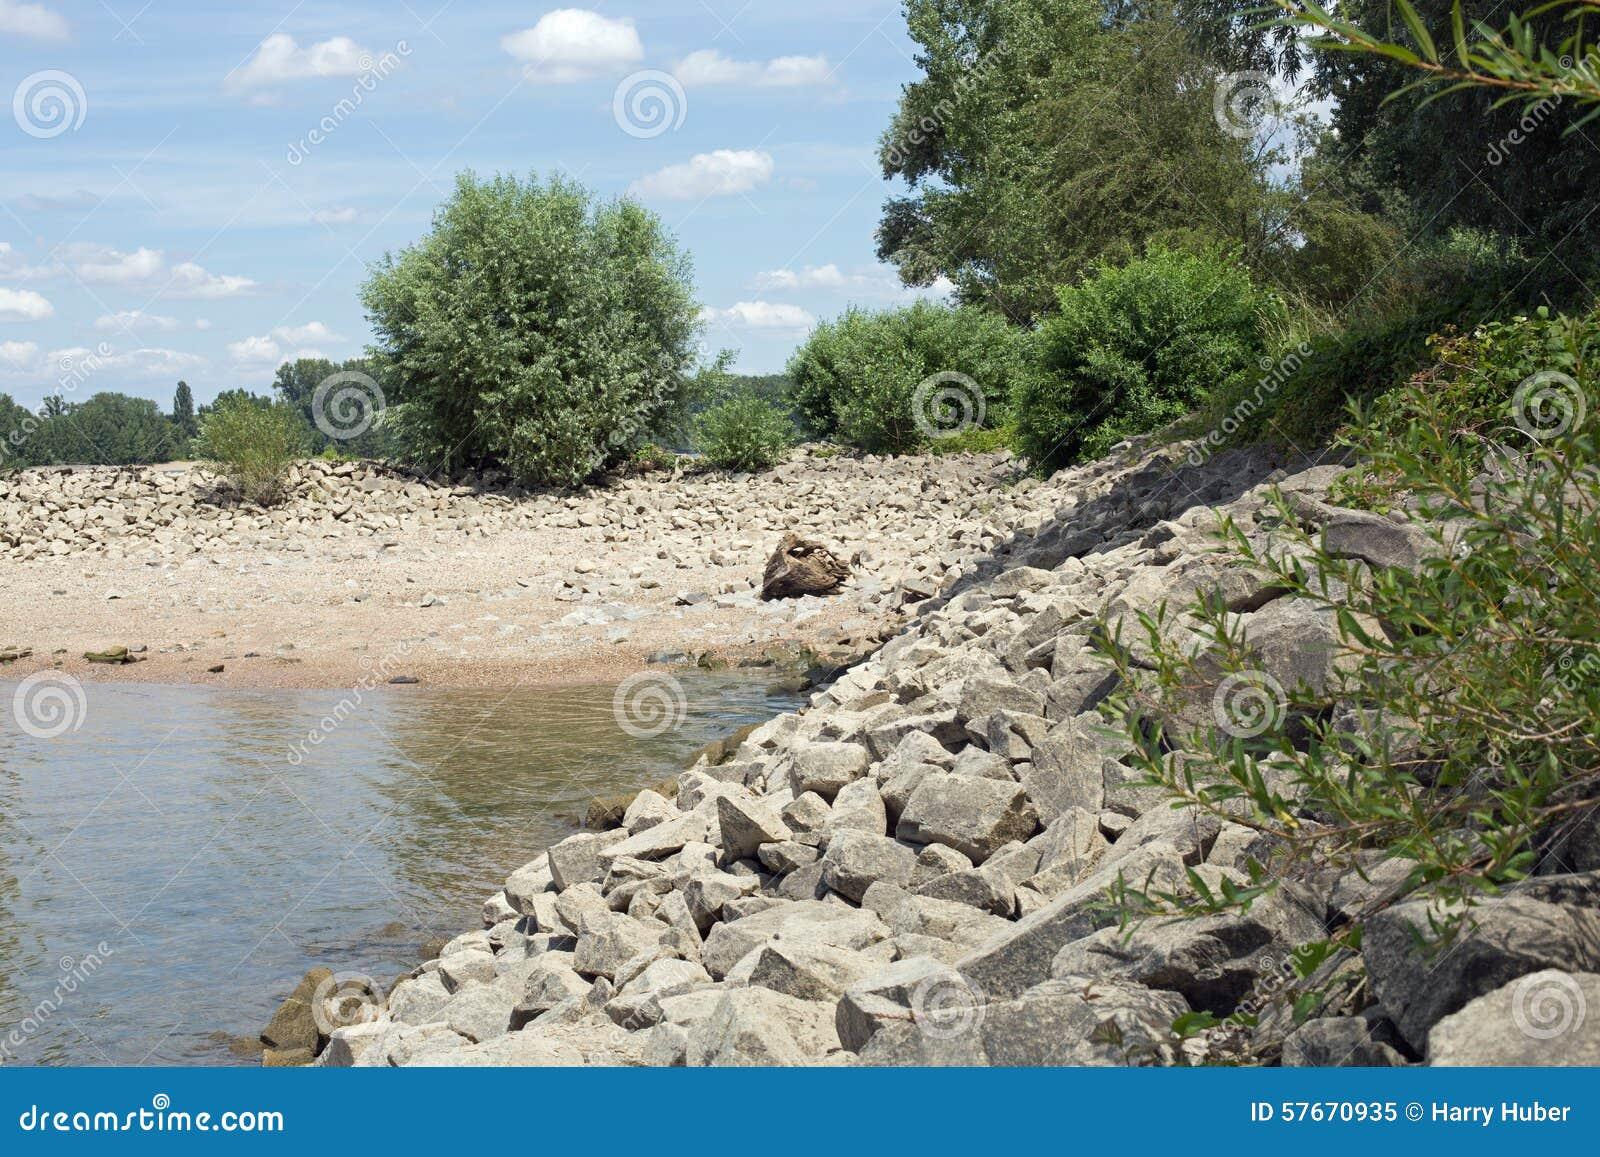 莱茵河(莱茵)的岸